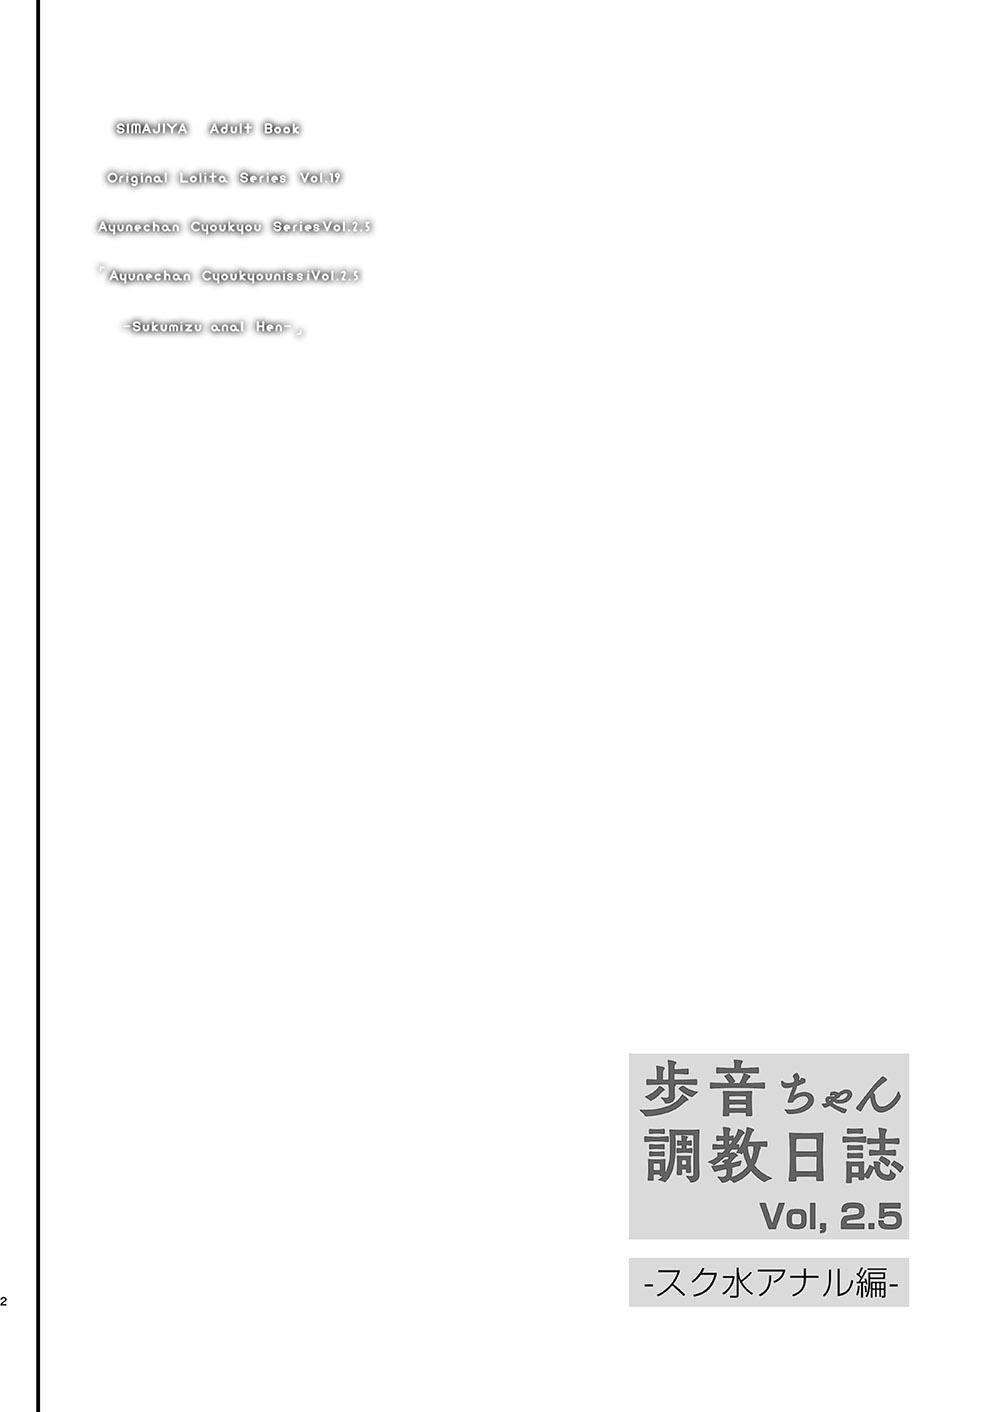 [Shimajiya (Shimaji)] Ayune-chan Choukyou Nisshi Vol. 2.5 -Sukumizu Anal Hen- [English] [desudesu] [Digital] 2